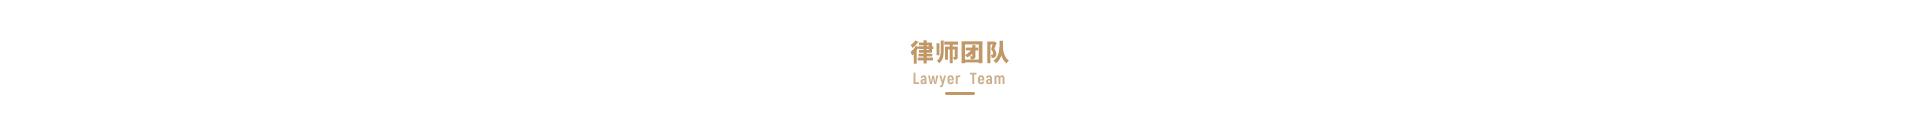 小微律政律师团队